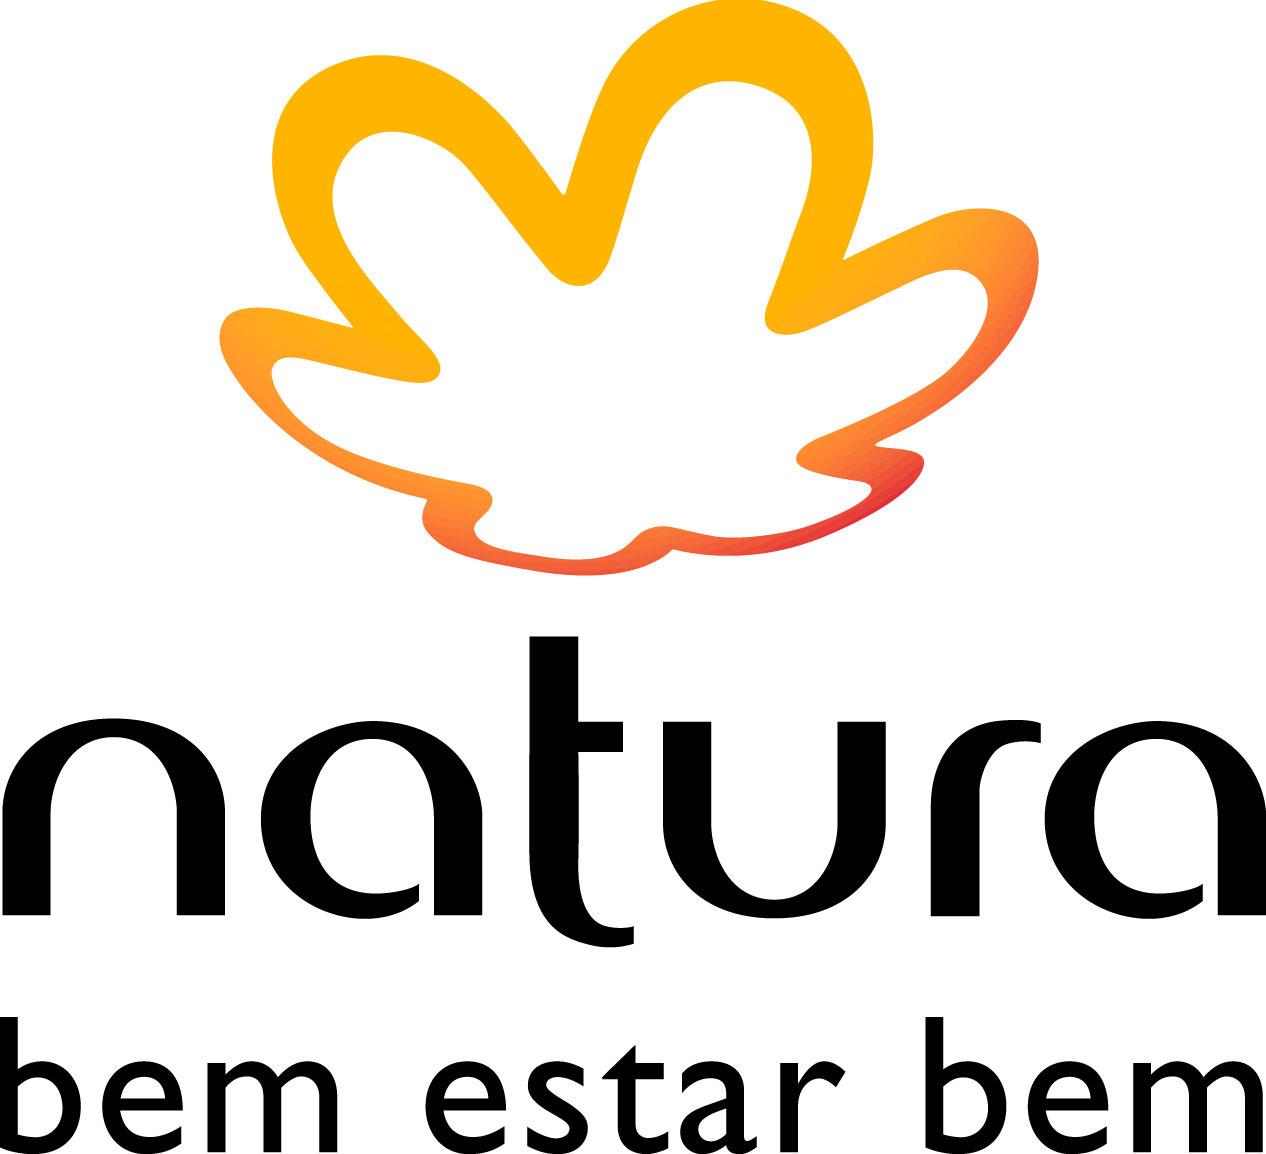 external image natura.jpg